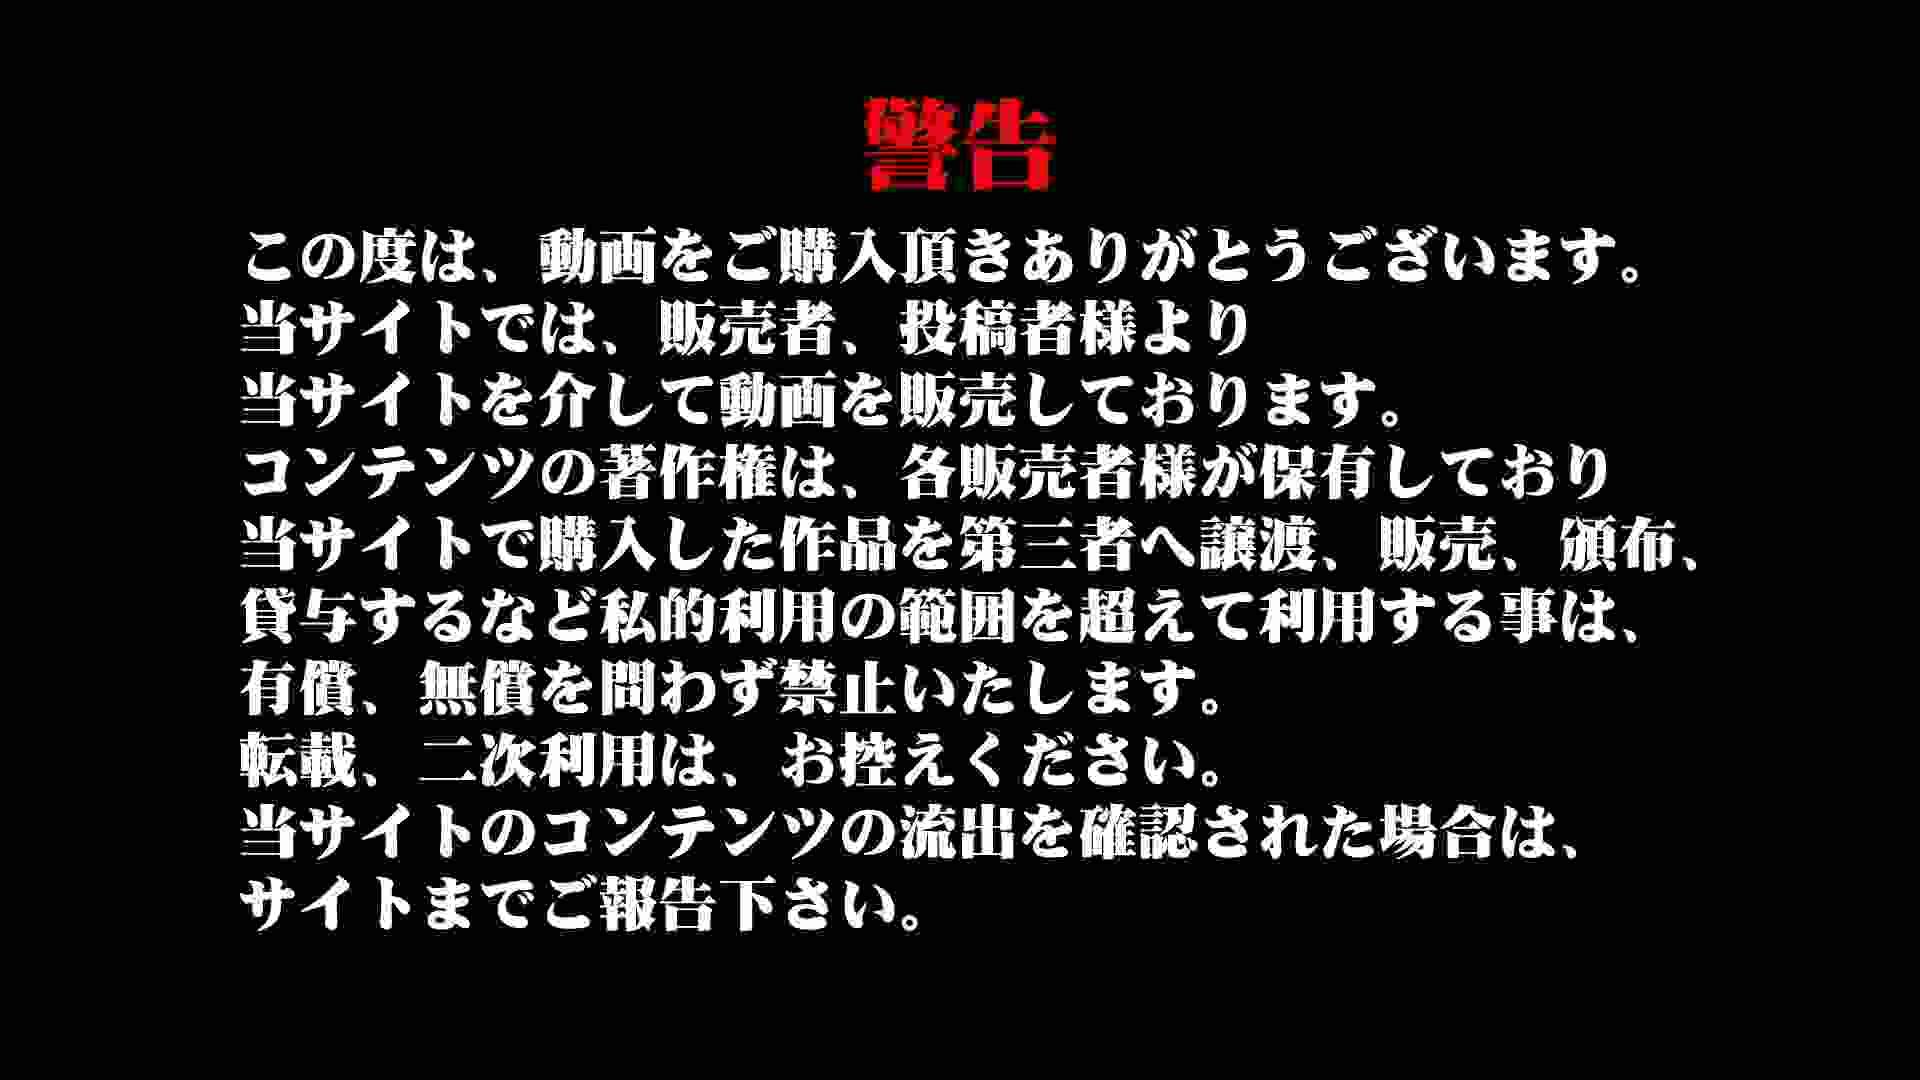 レースクィーントイレ盗撮!Vol.16 盗撮 | ギャルのエロ生活  26連発 1